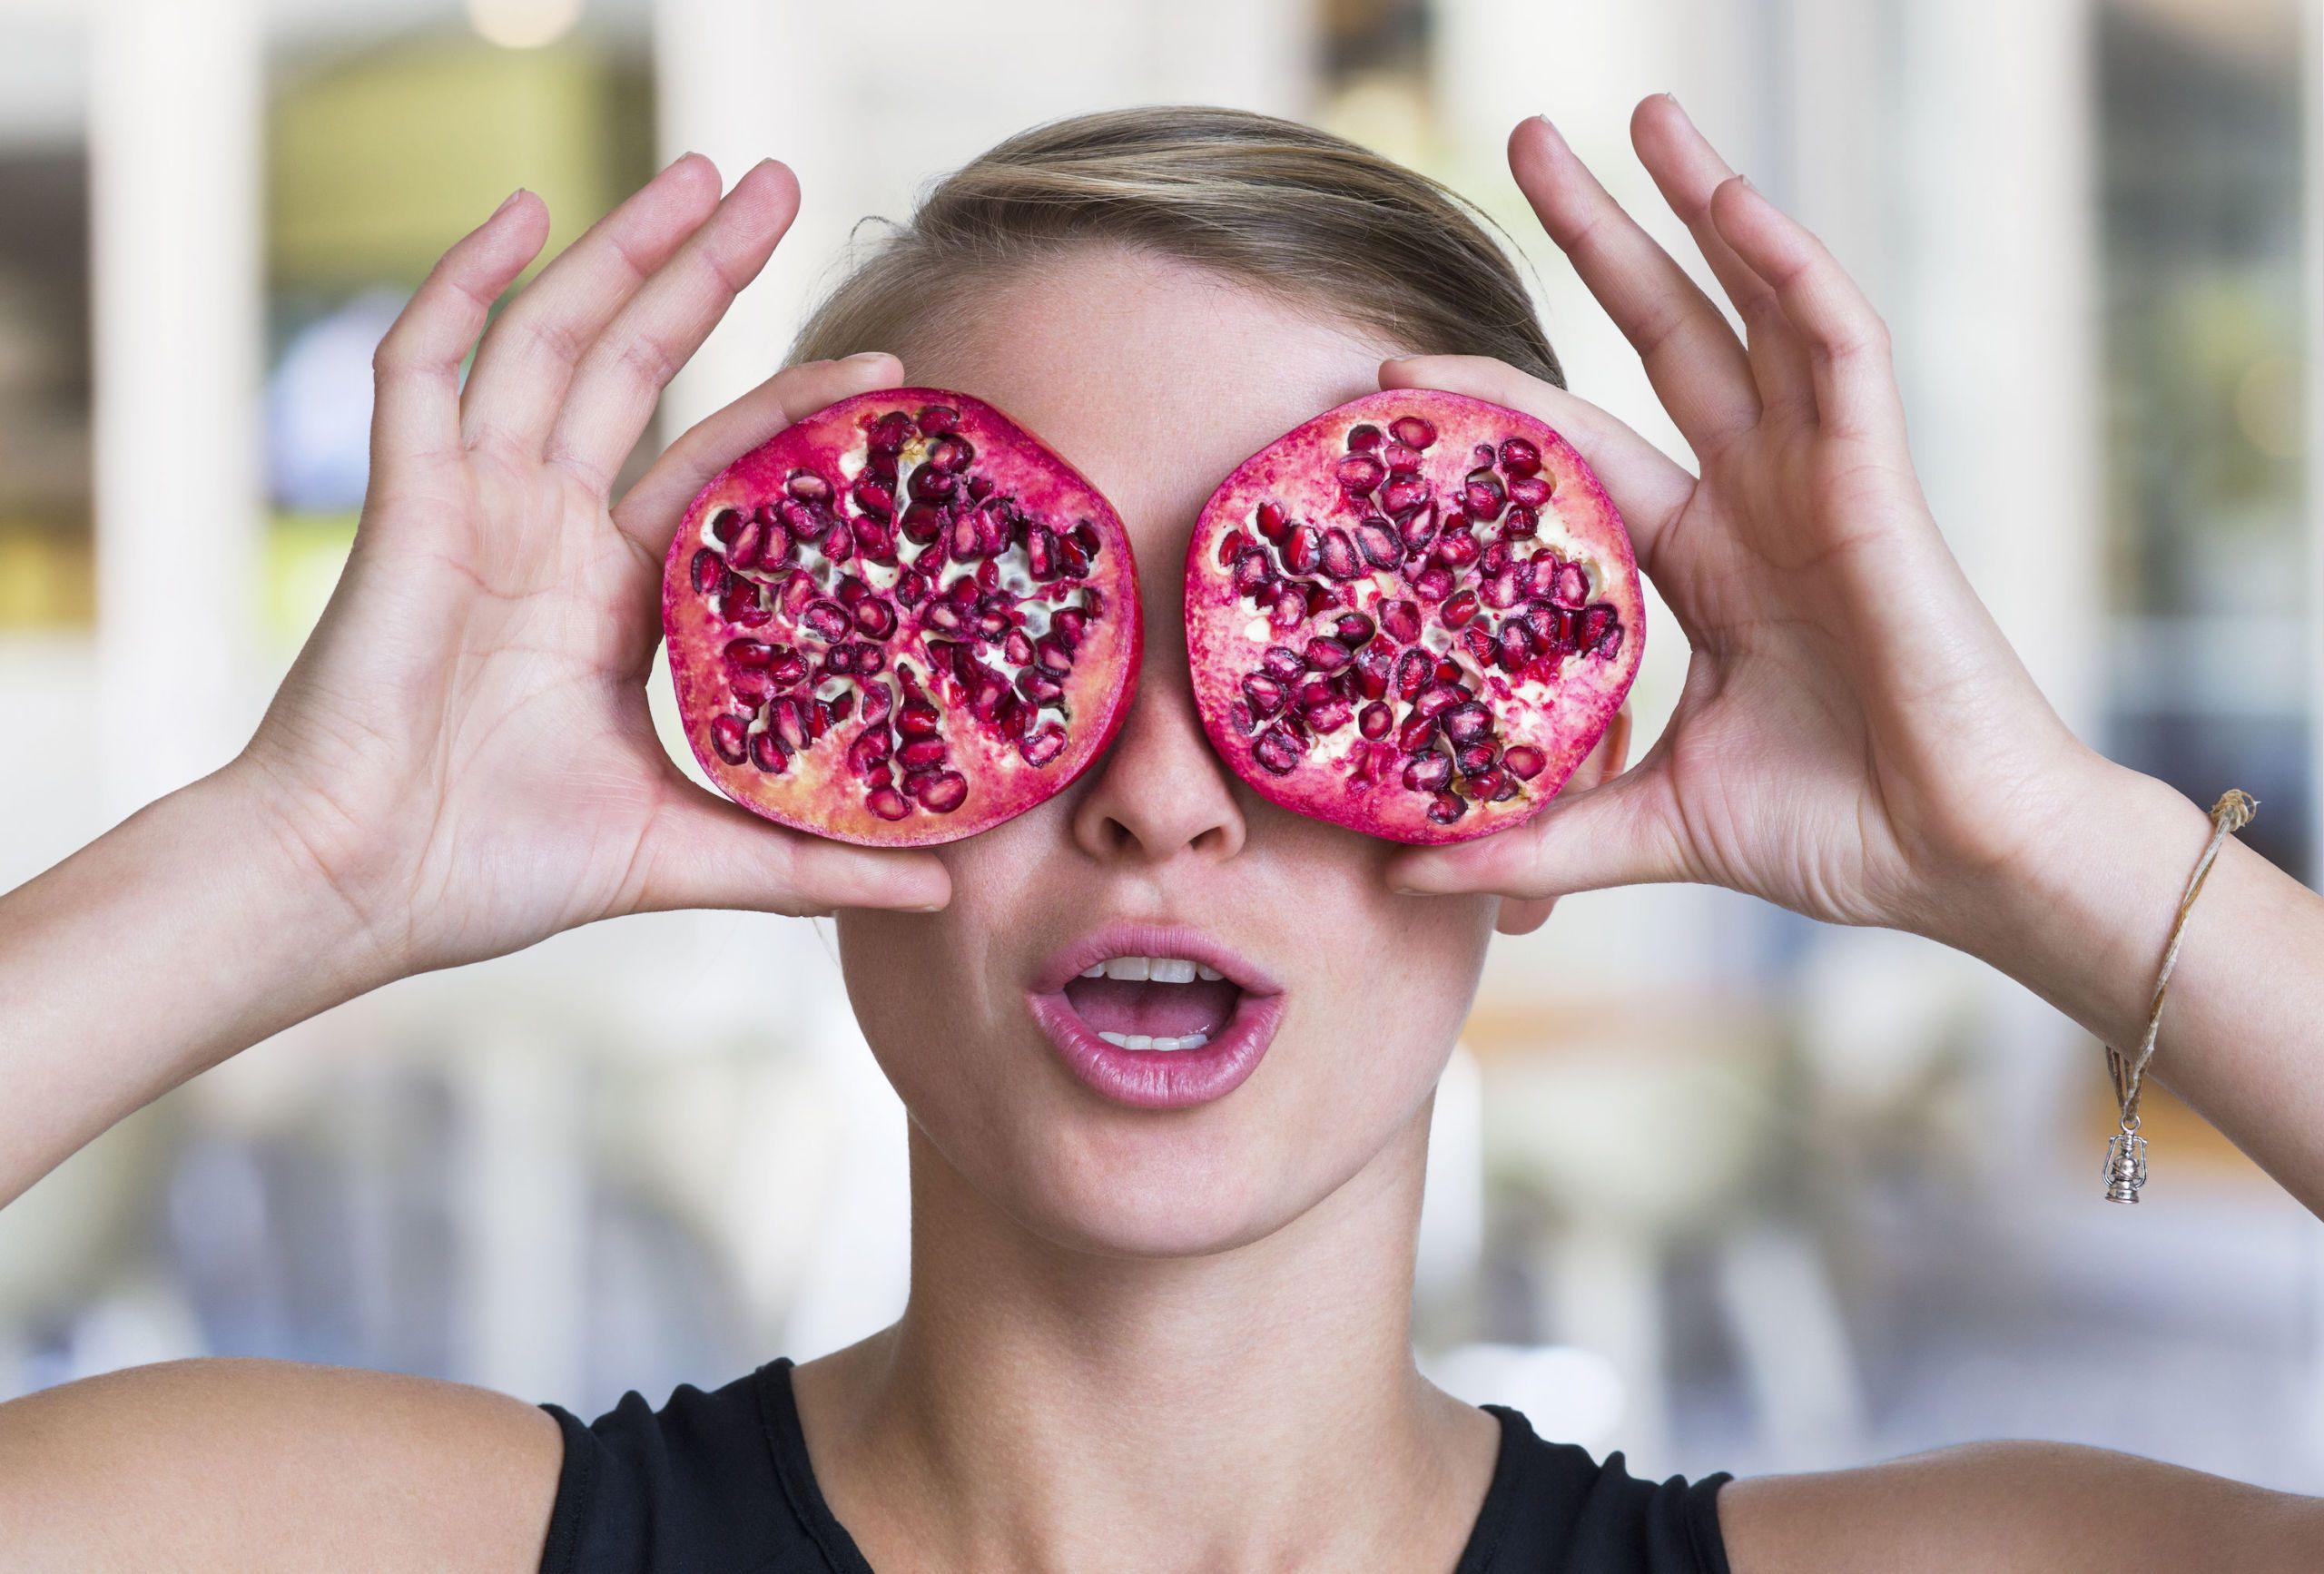 Dieta Settimanale Vegetariana Calorie : Dieta del super metabolismo schema settimanale e menu d esempio